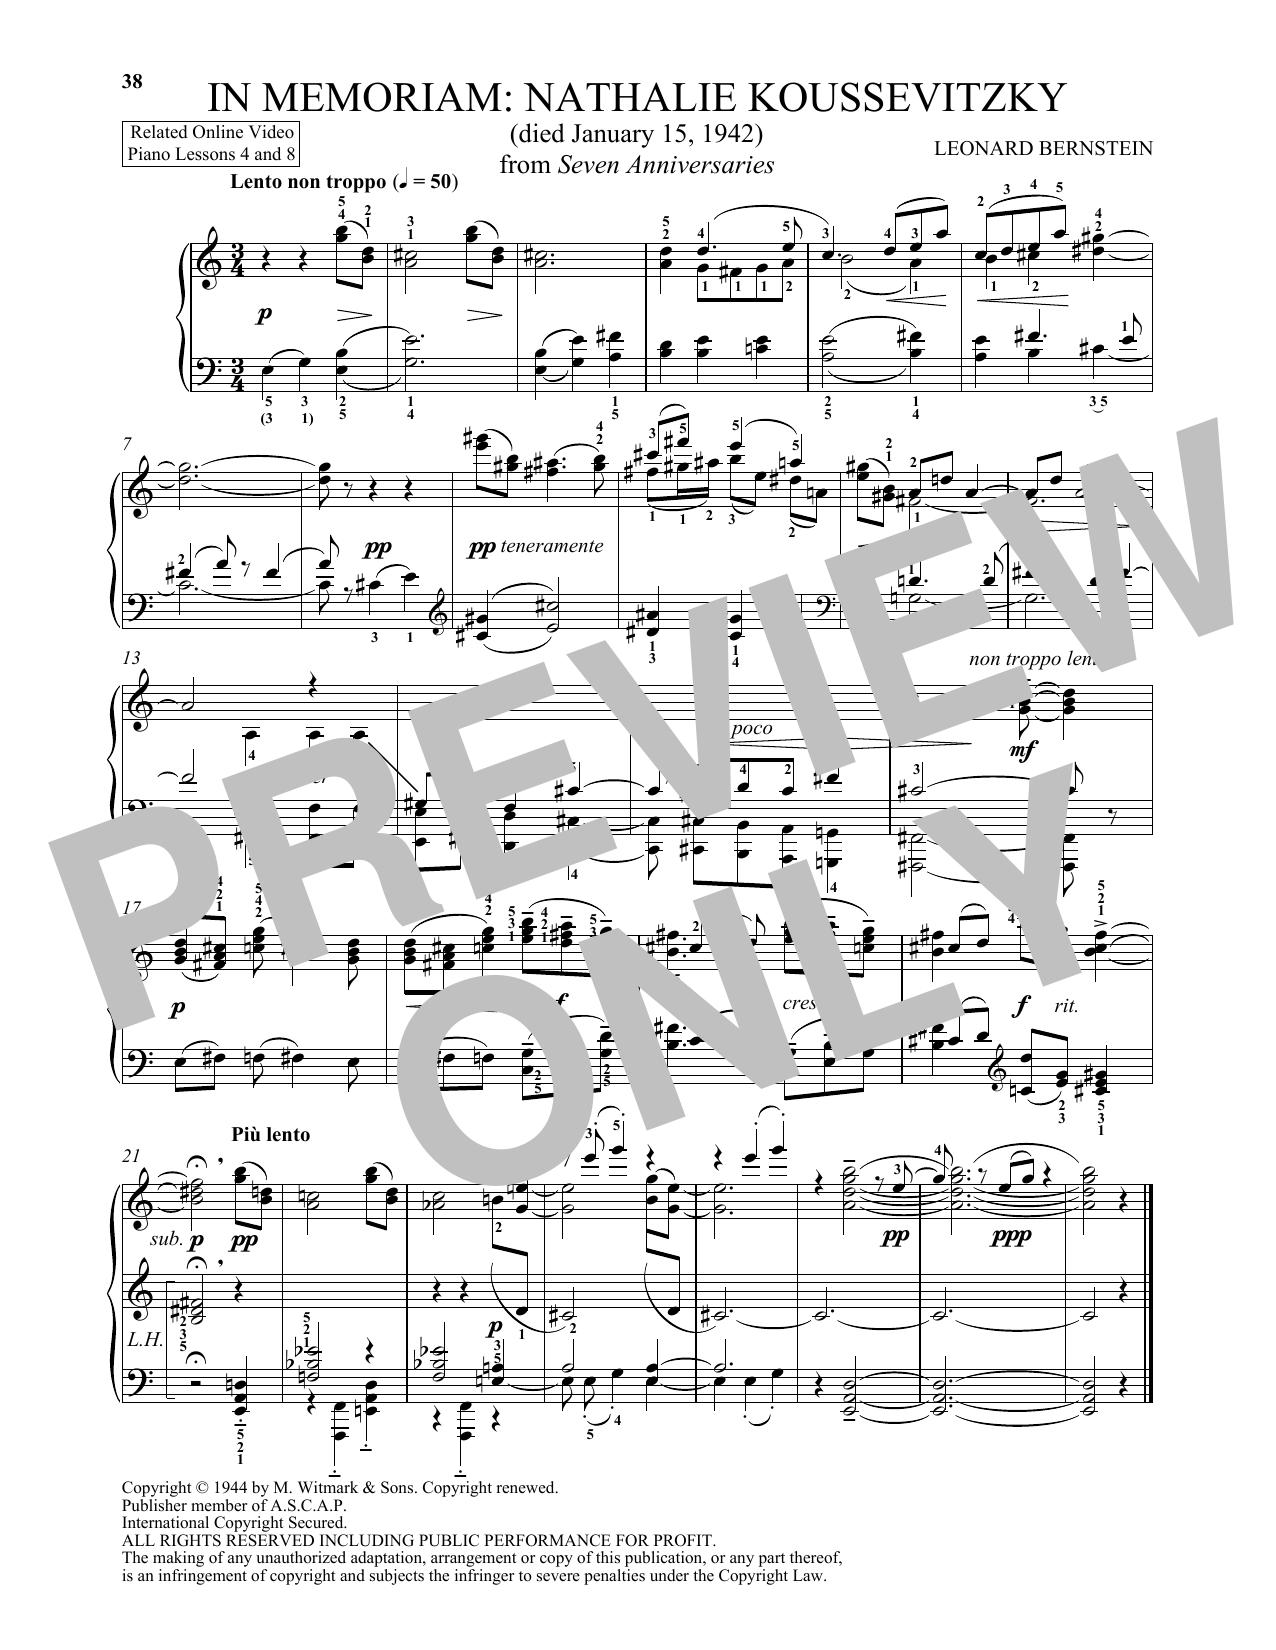 In Memoriam: Nathalie Koussevitzky (Piano Solo)